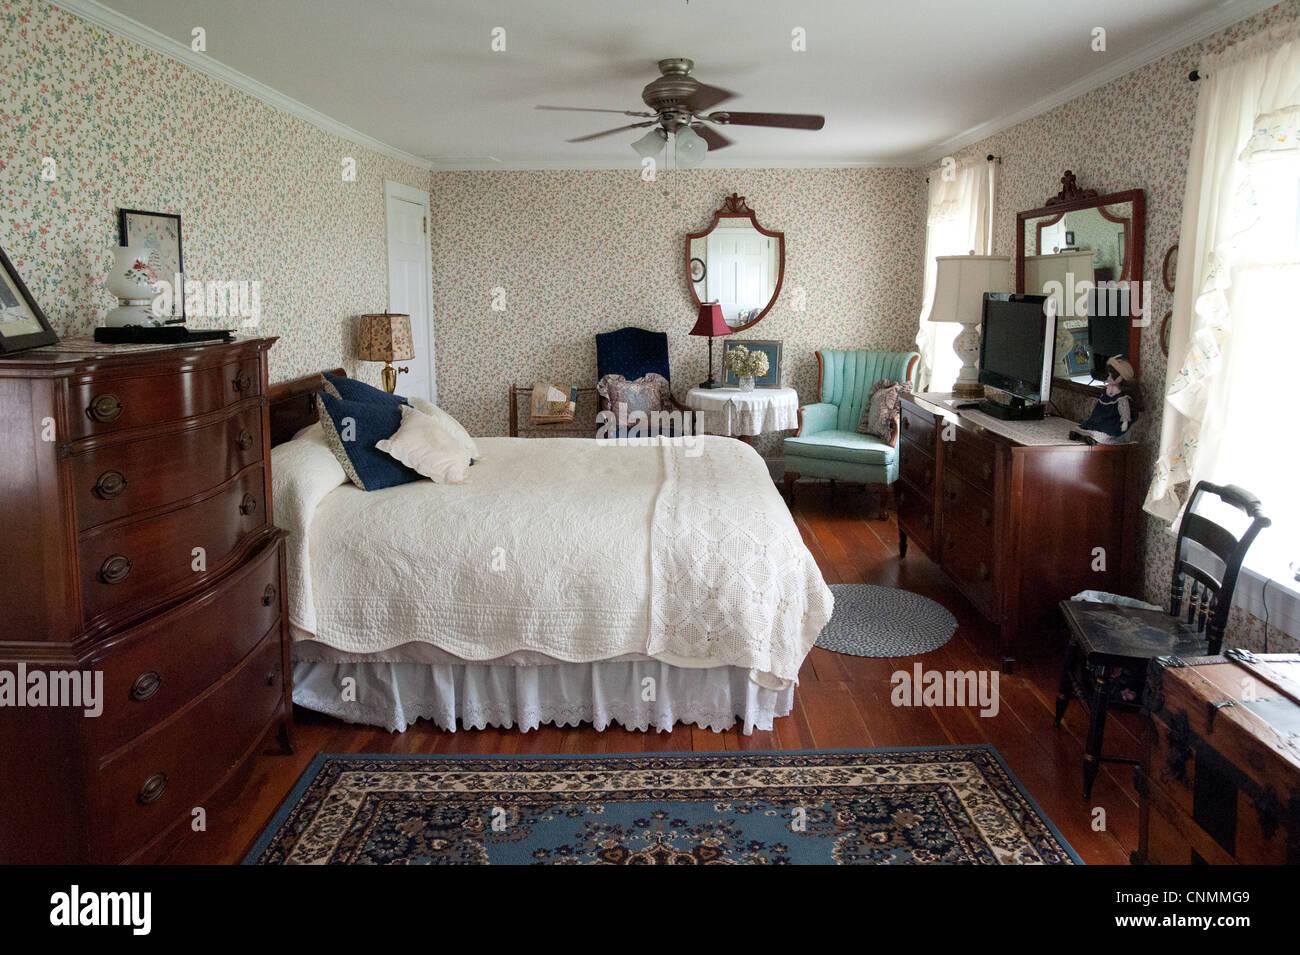 Camera da letto arredata con mobili di antiquariato in un ...